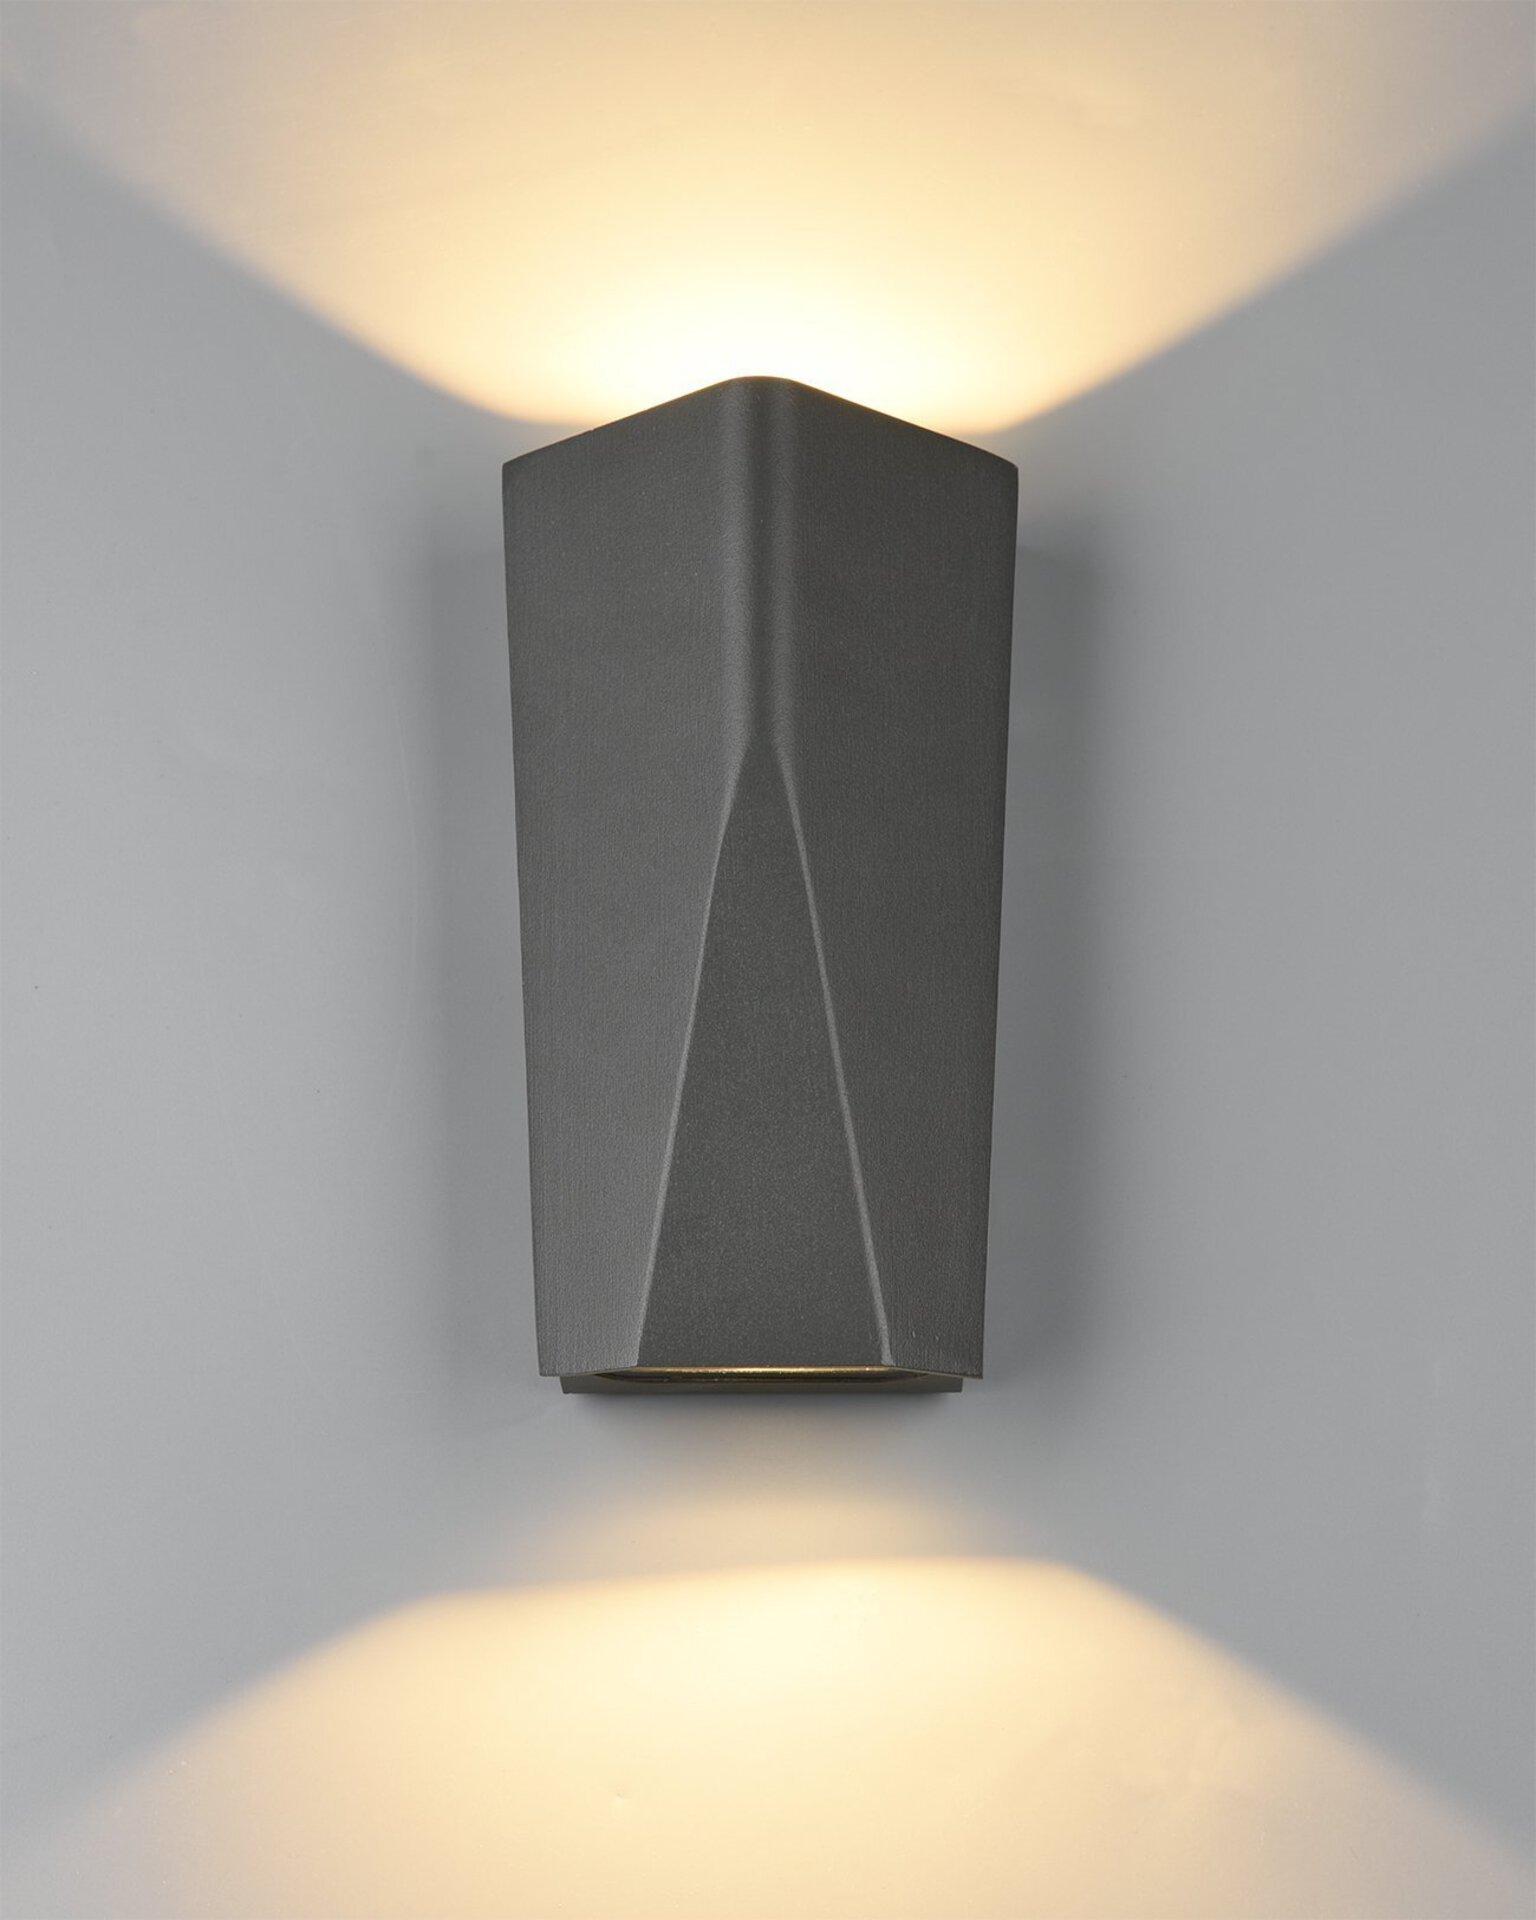 Wand-Aussenleuchte Tay Trio Leuchten Metall 20 x 6 x 11 cm